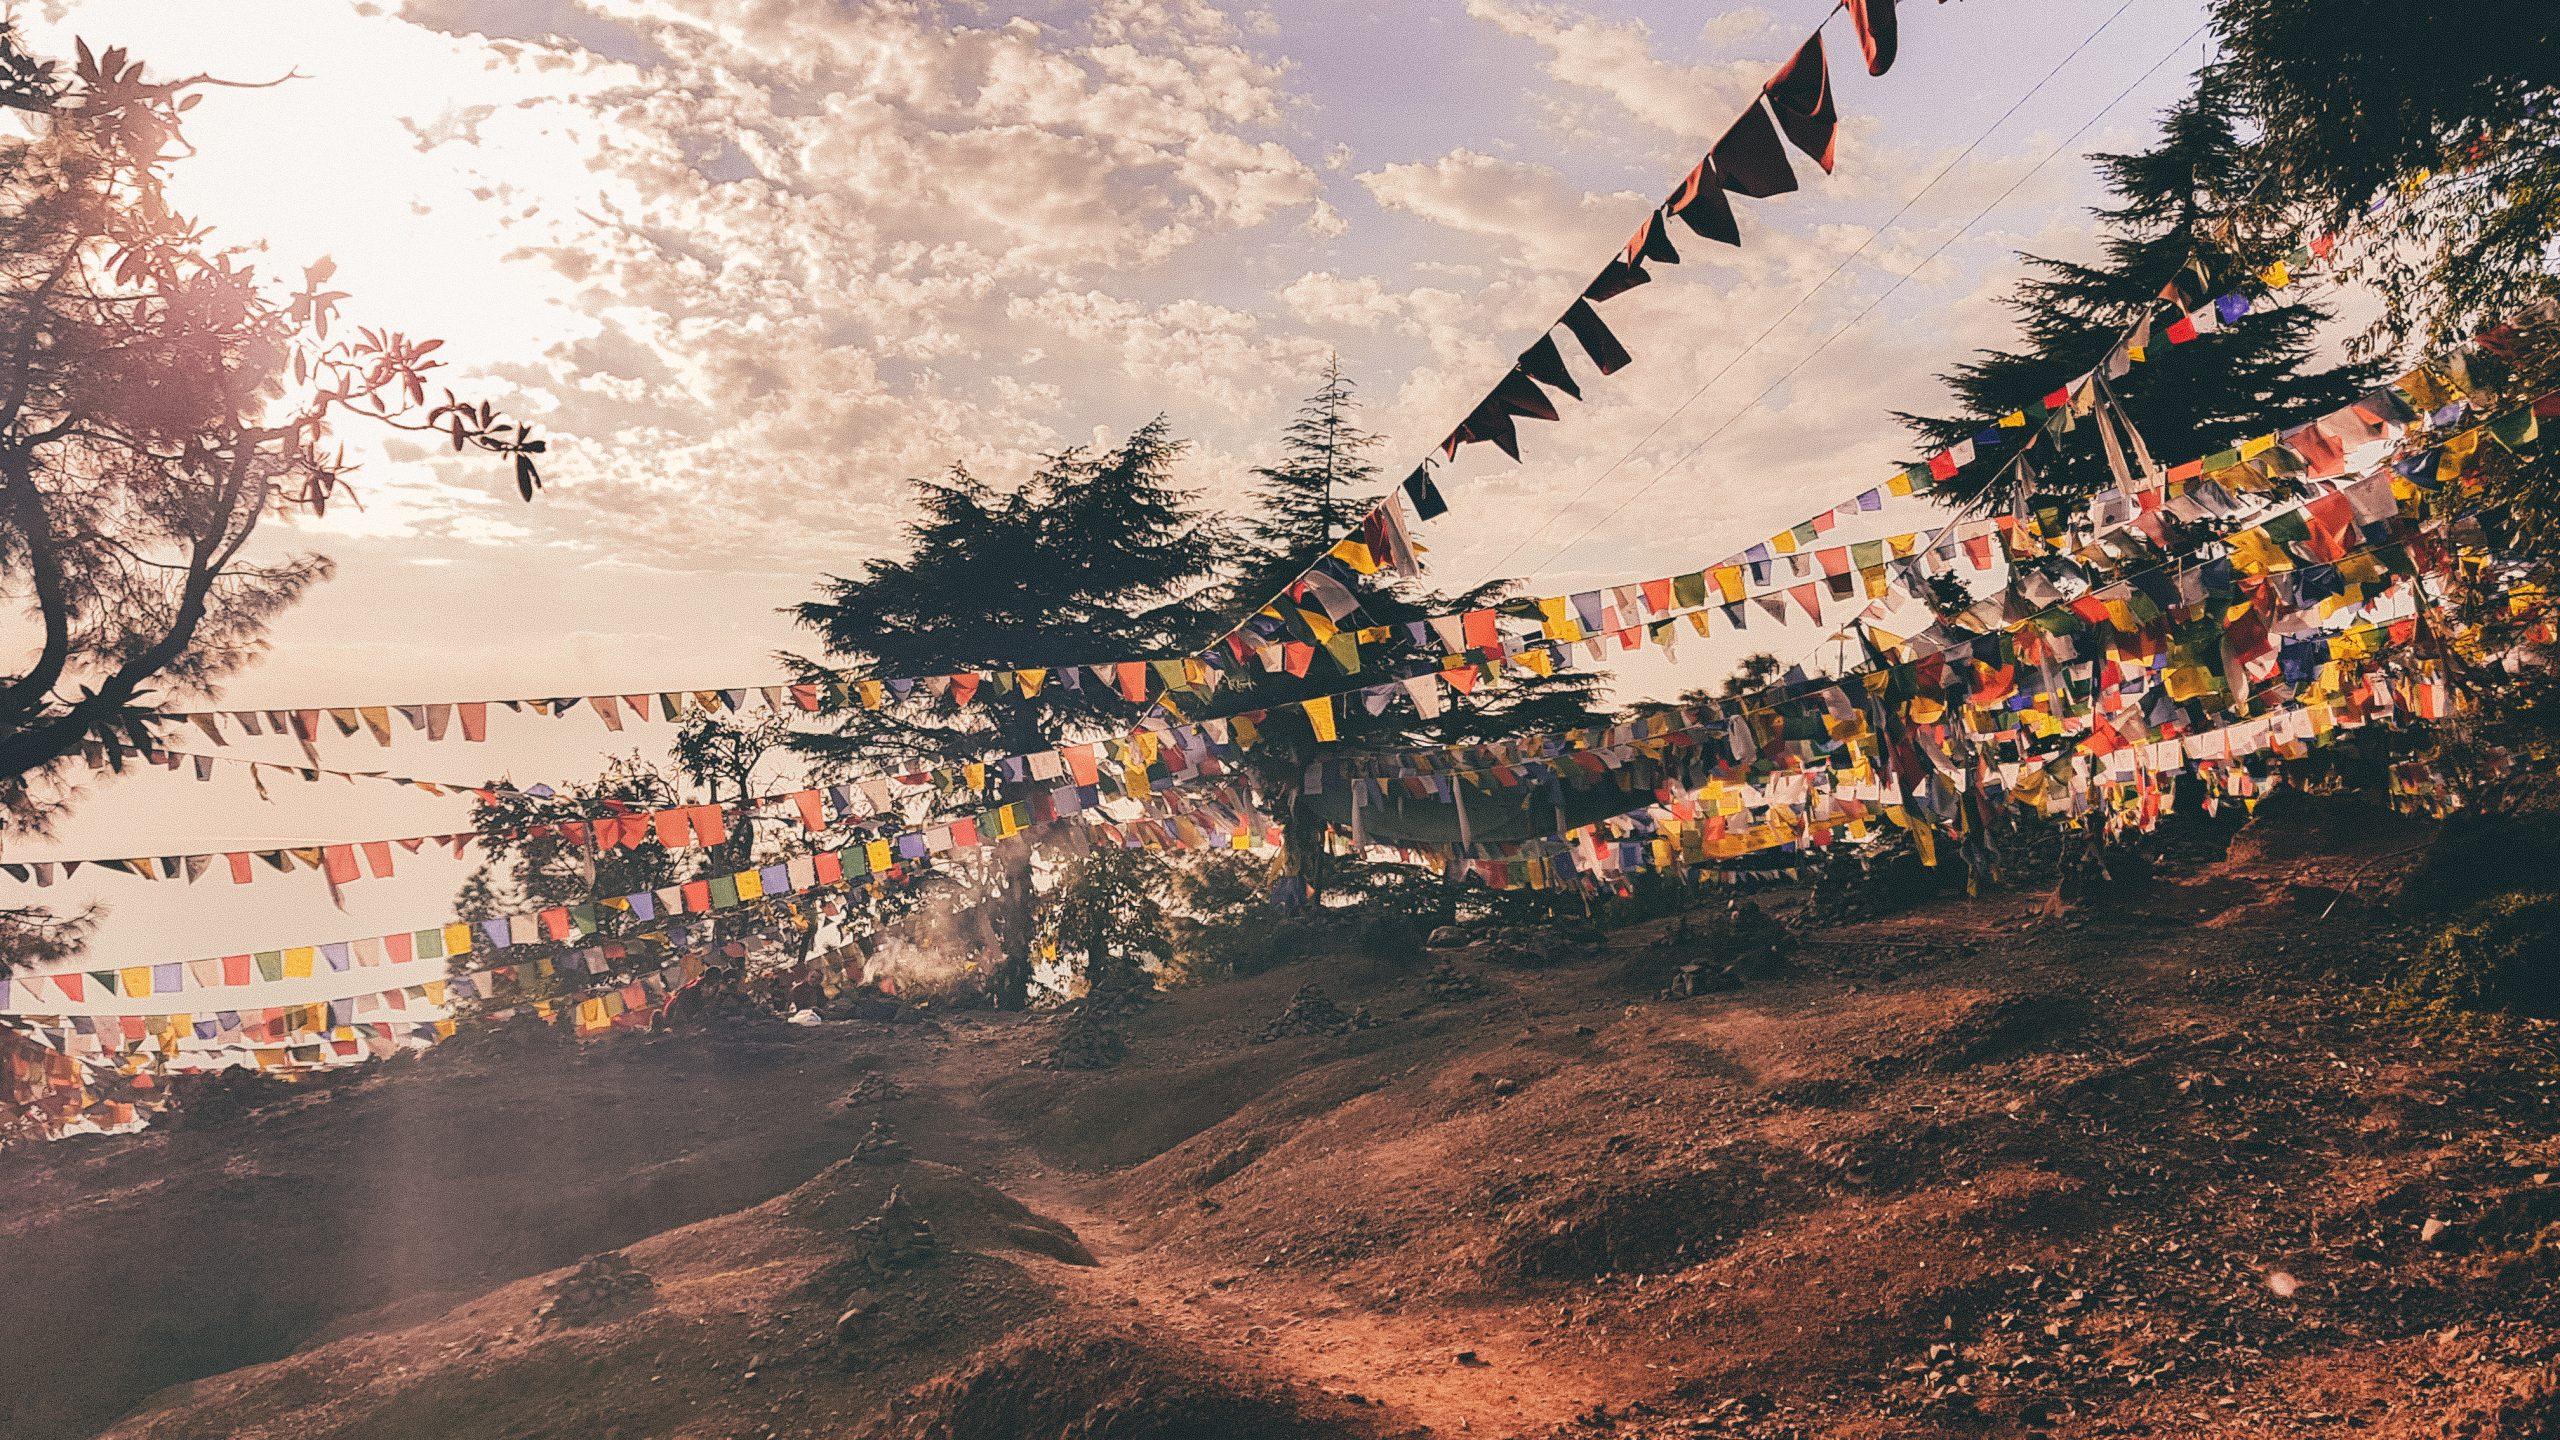 Reisen-Tibetische Flaggen-Daramshala-Tushita-Himalaya